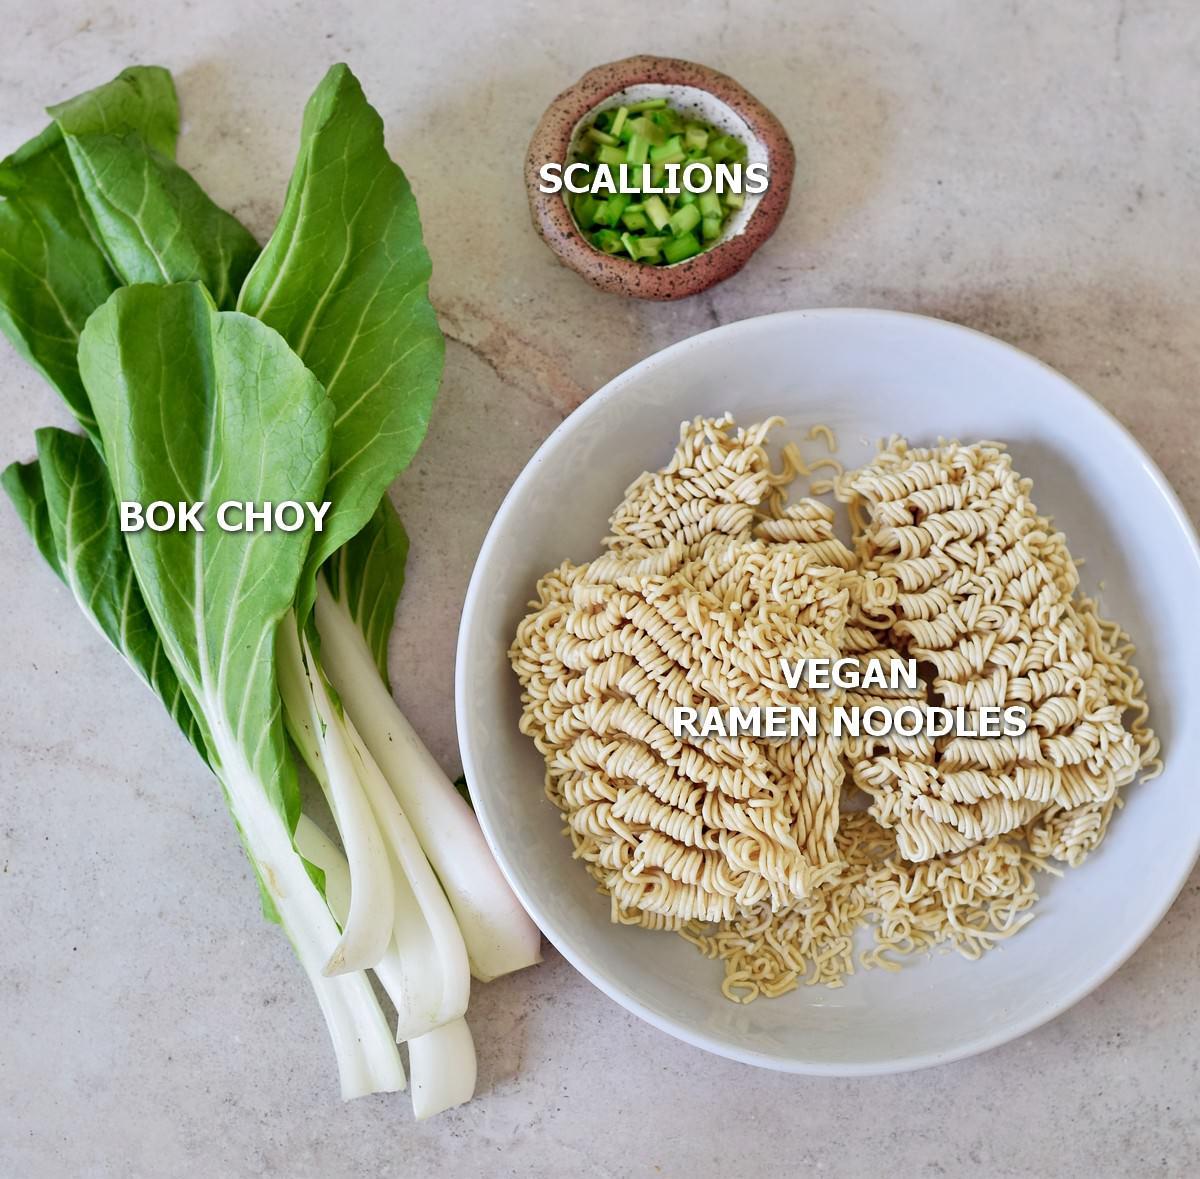 ingredients for vegan tantanmen